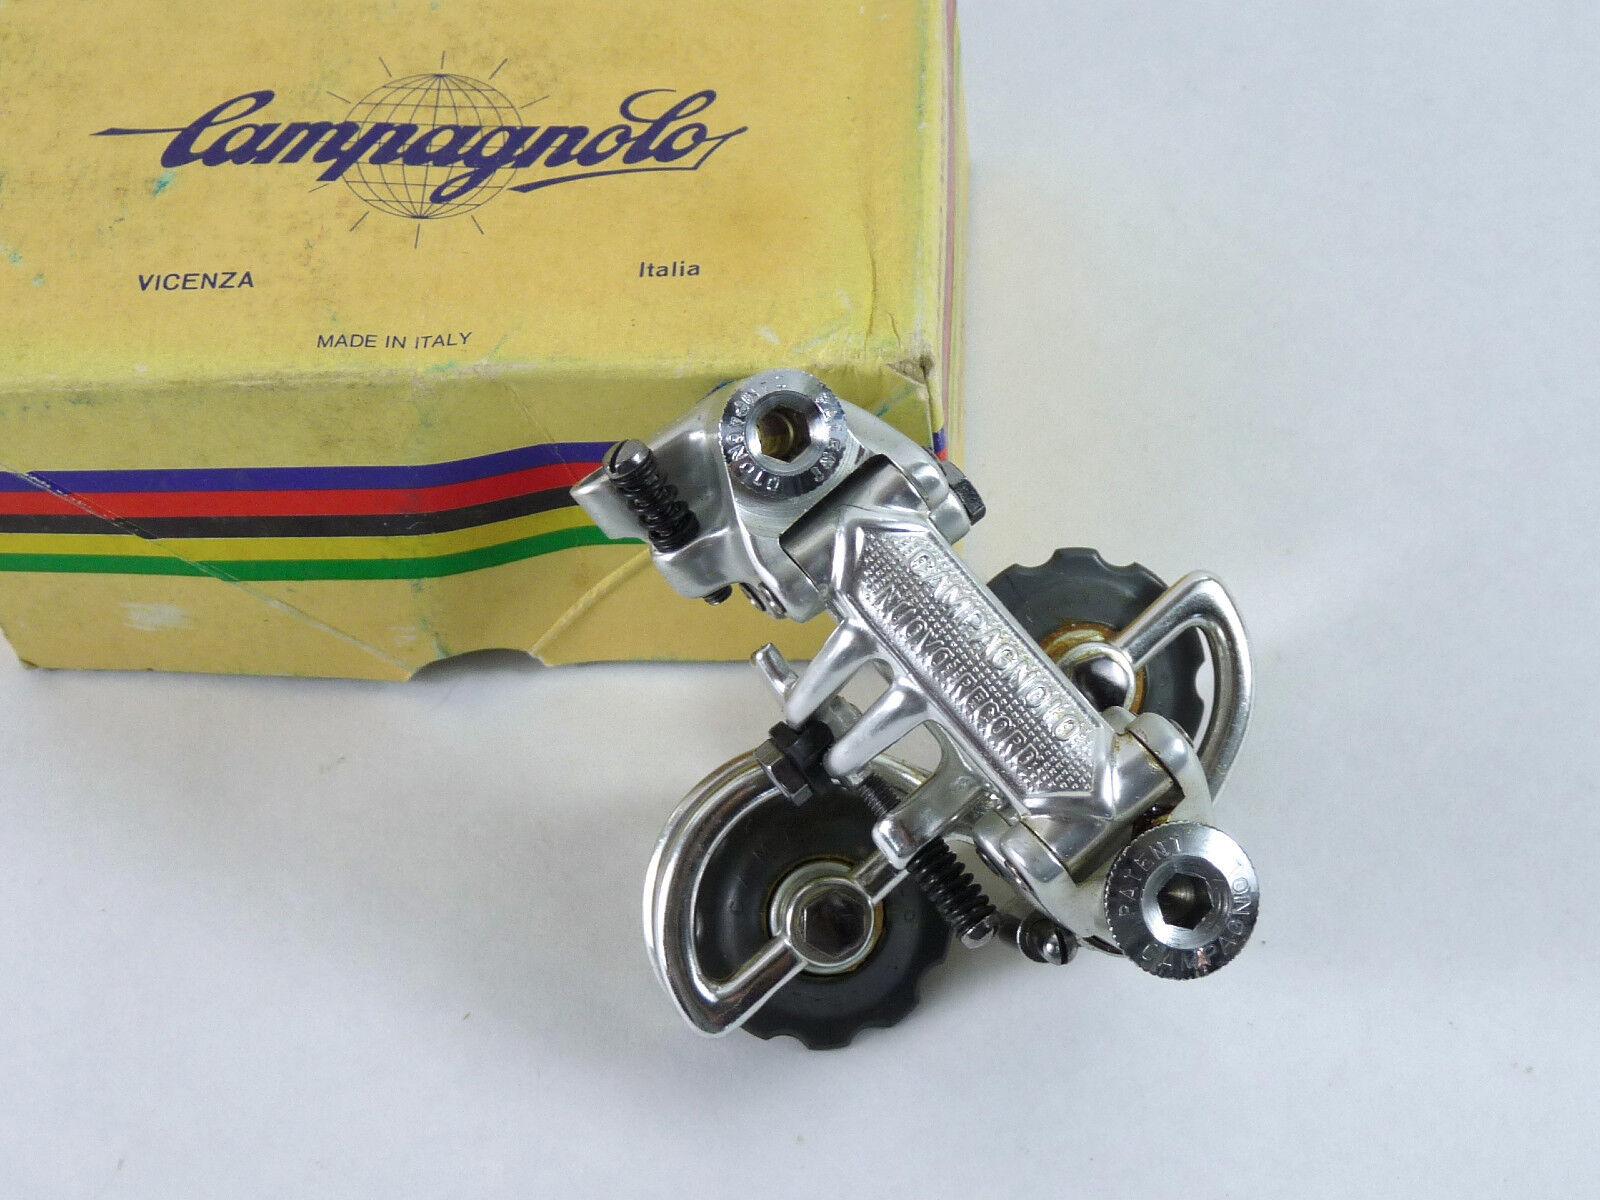 Campagnolo Derailleur 1982 Nuovo Record Rear Vintage Road Racing Bicycle Nos